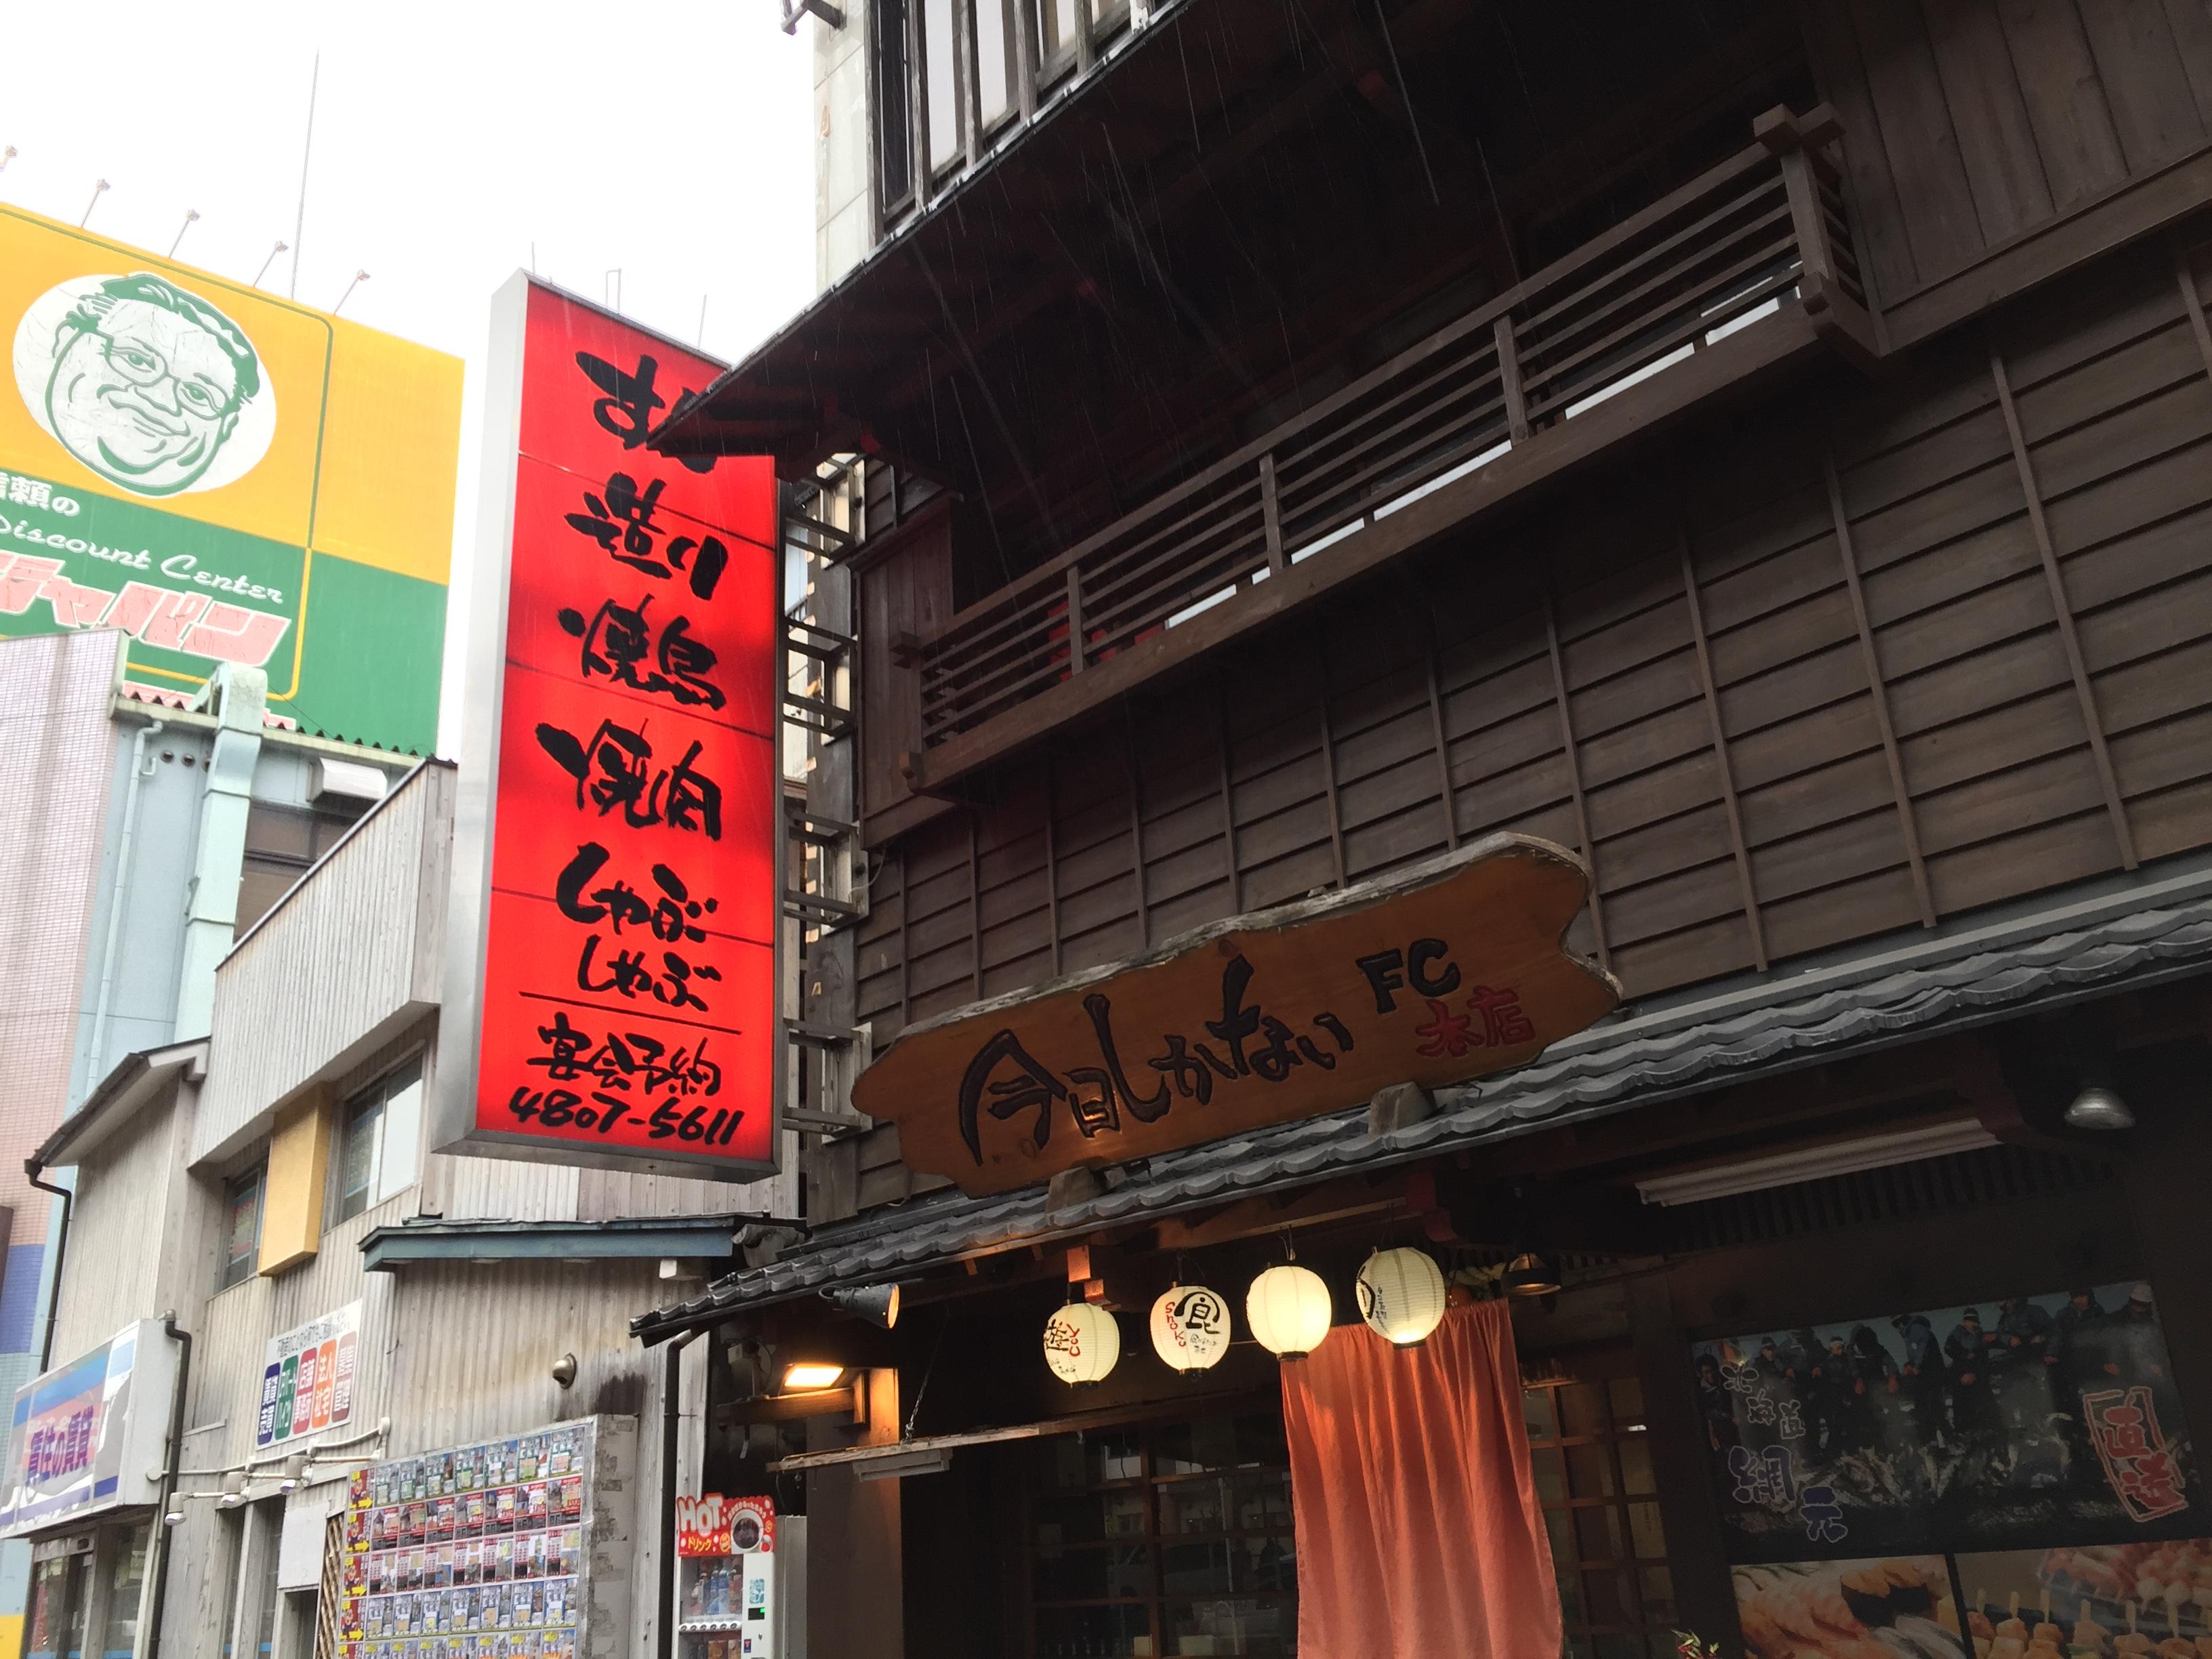 赤い看板が目印ですね。ミスタードーナツ、ジャパンの横です。